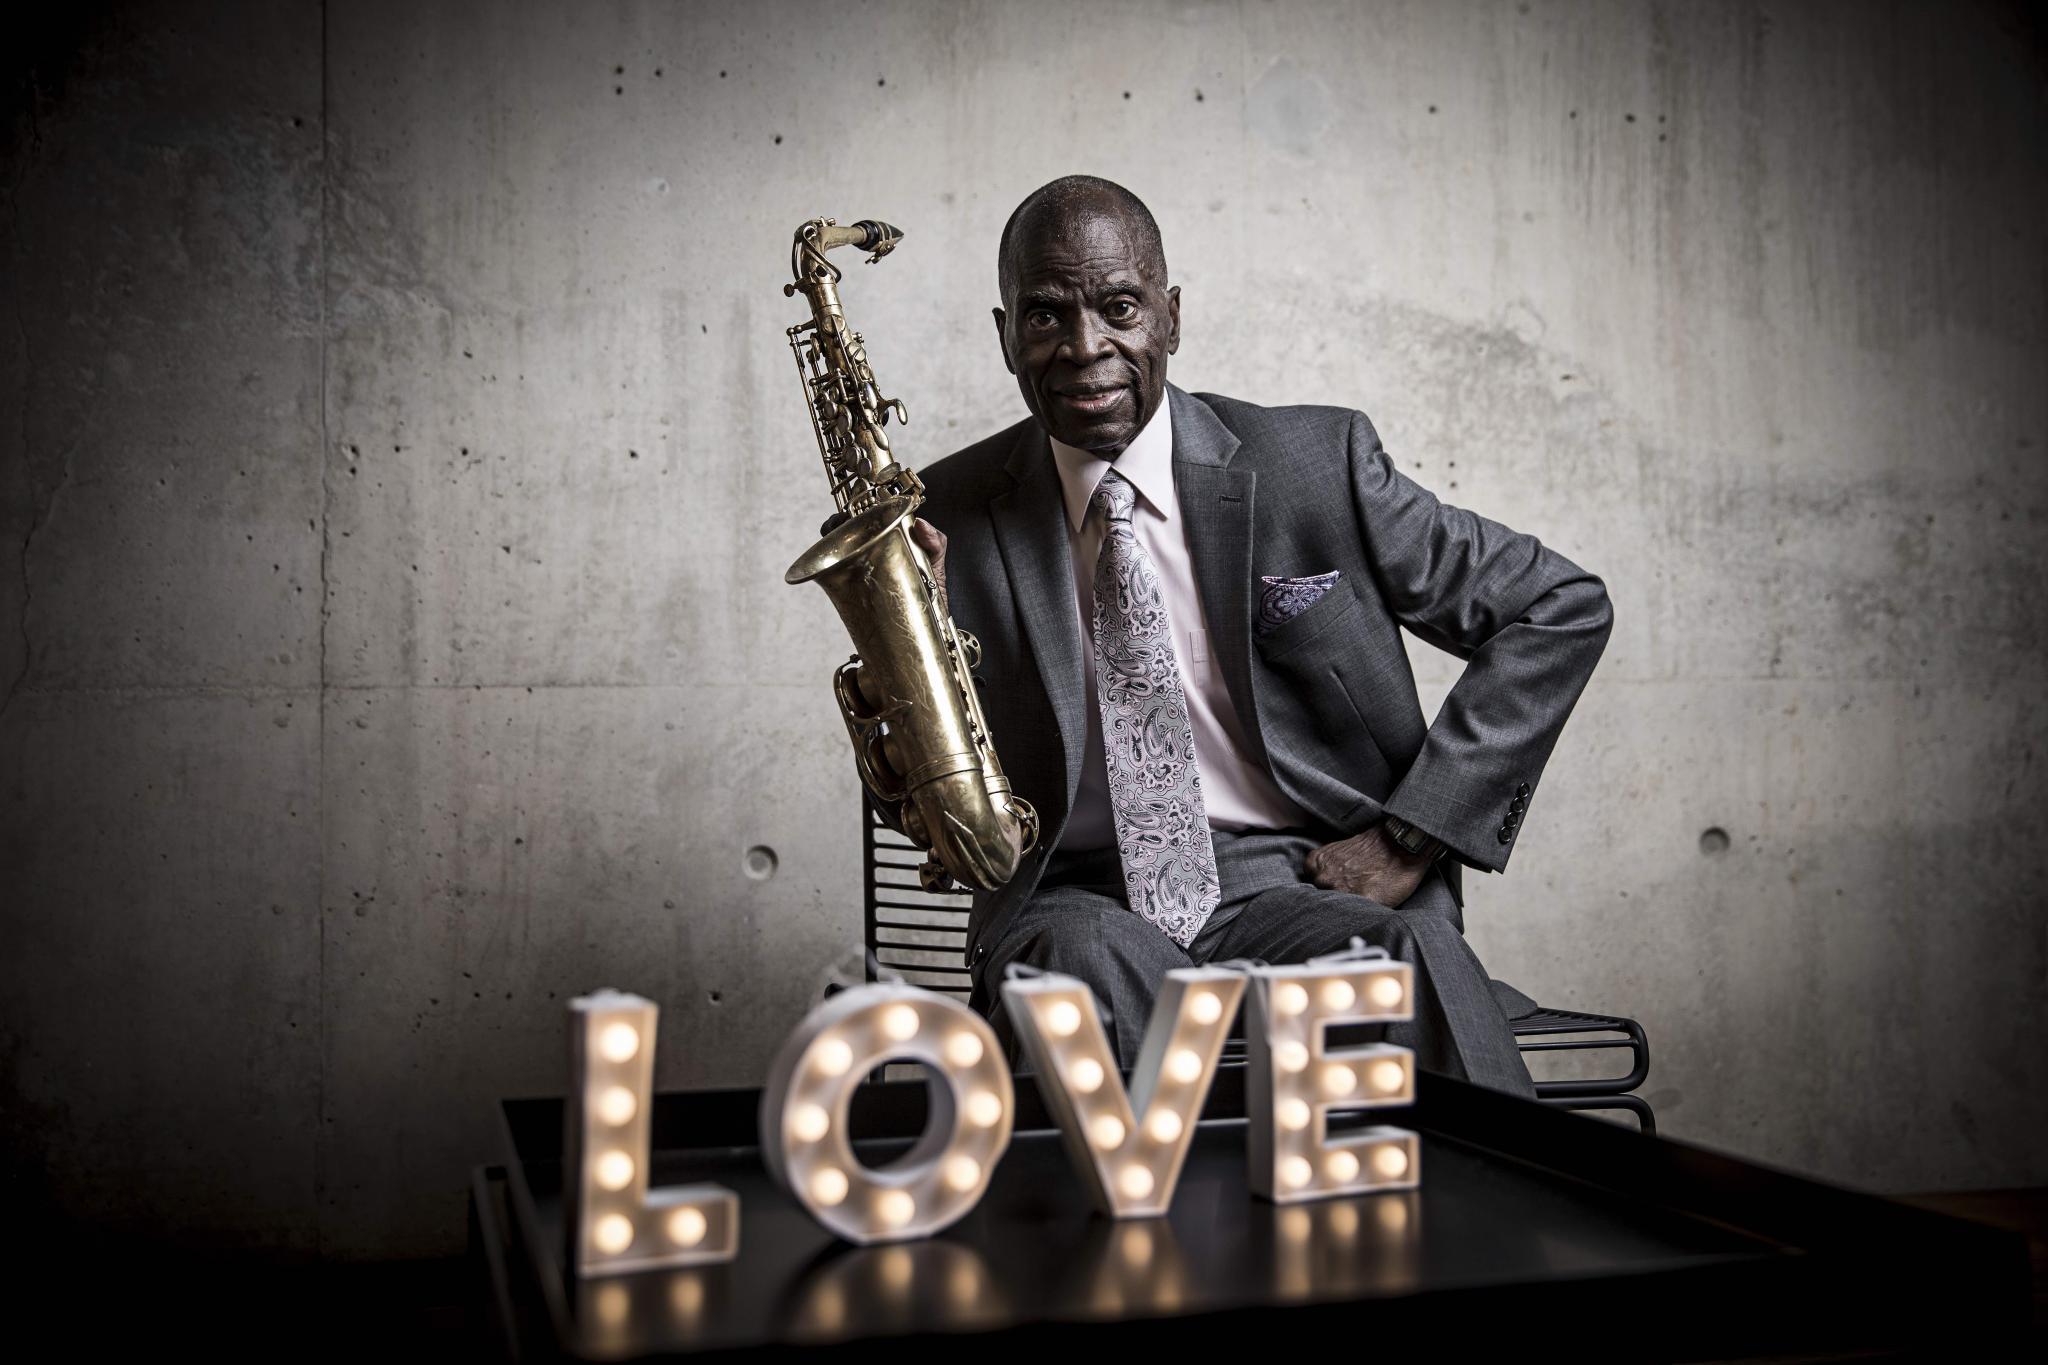 PALMA. MUSICA. El saxofonista Maceo Parker .�